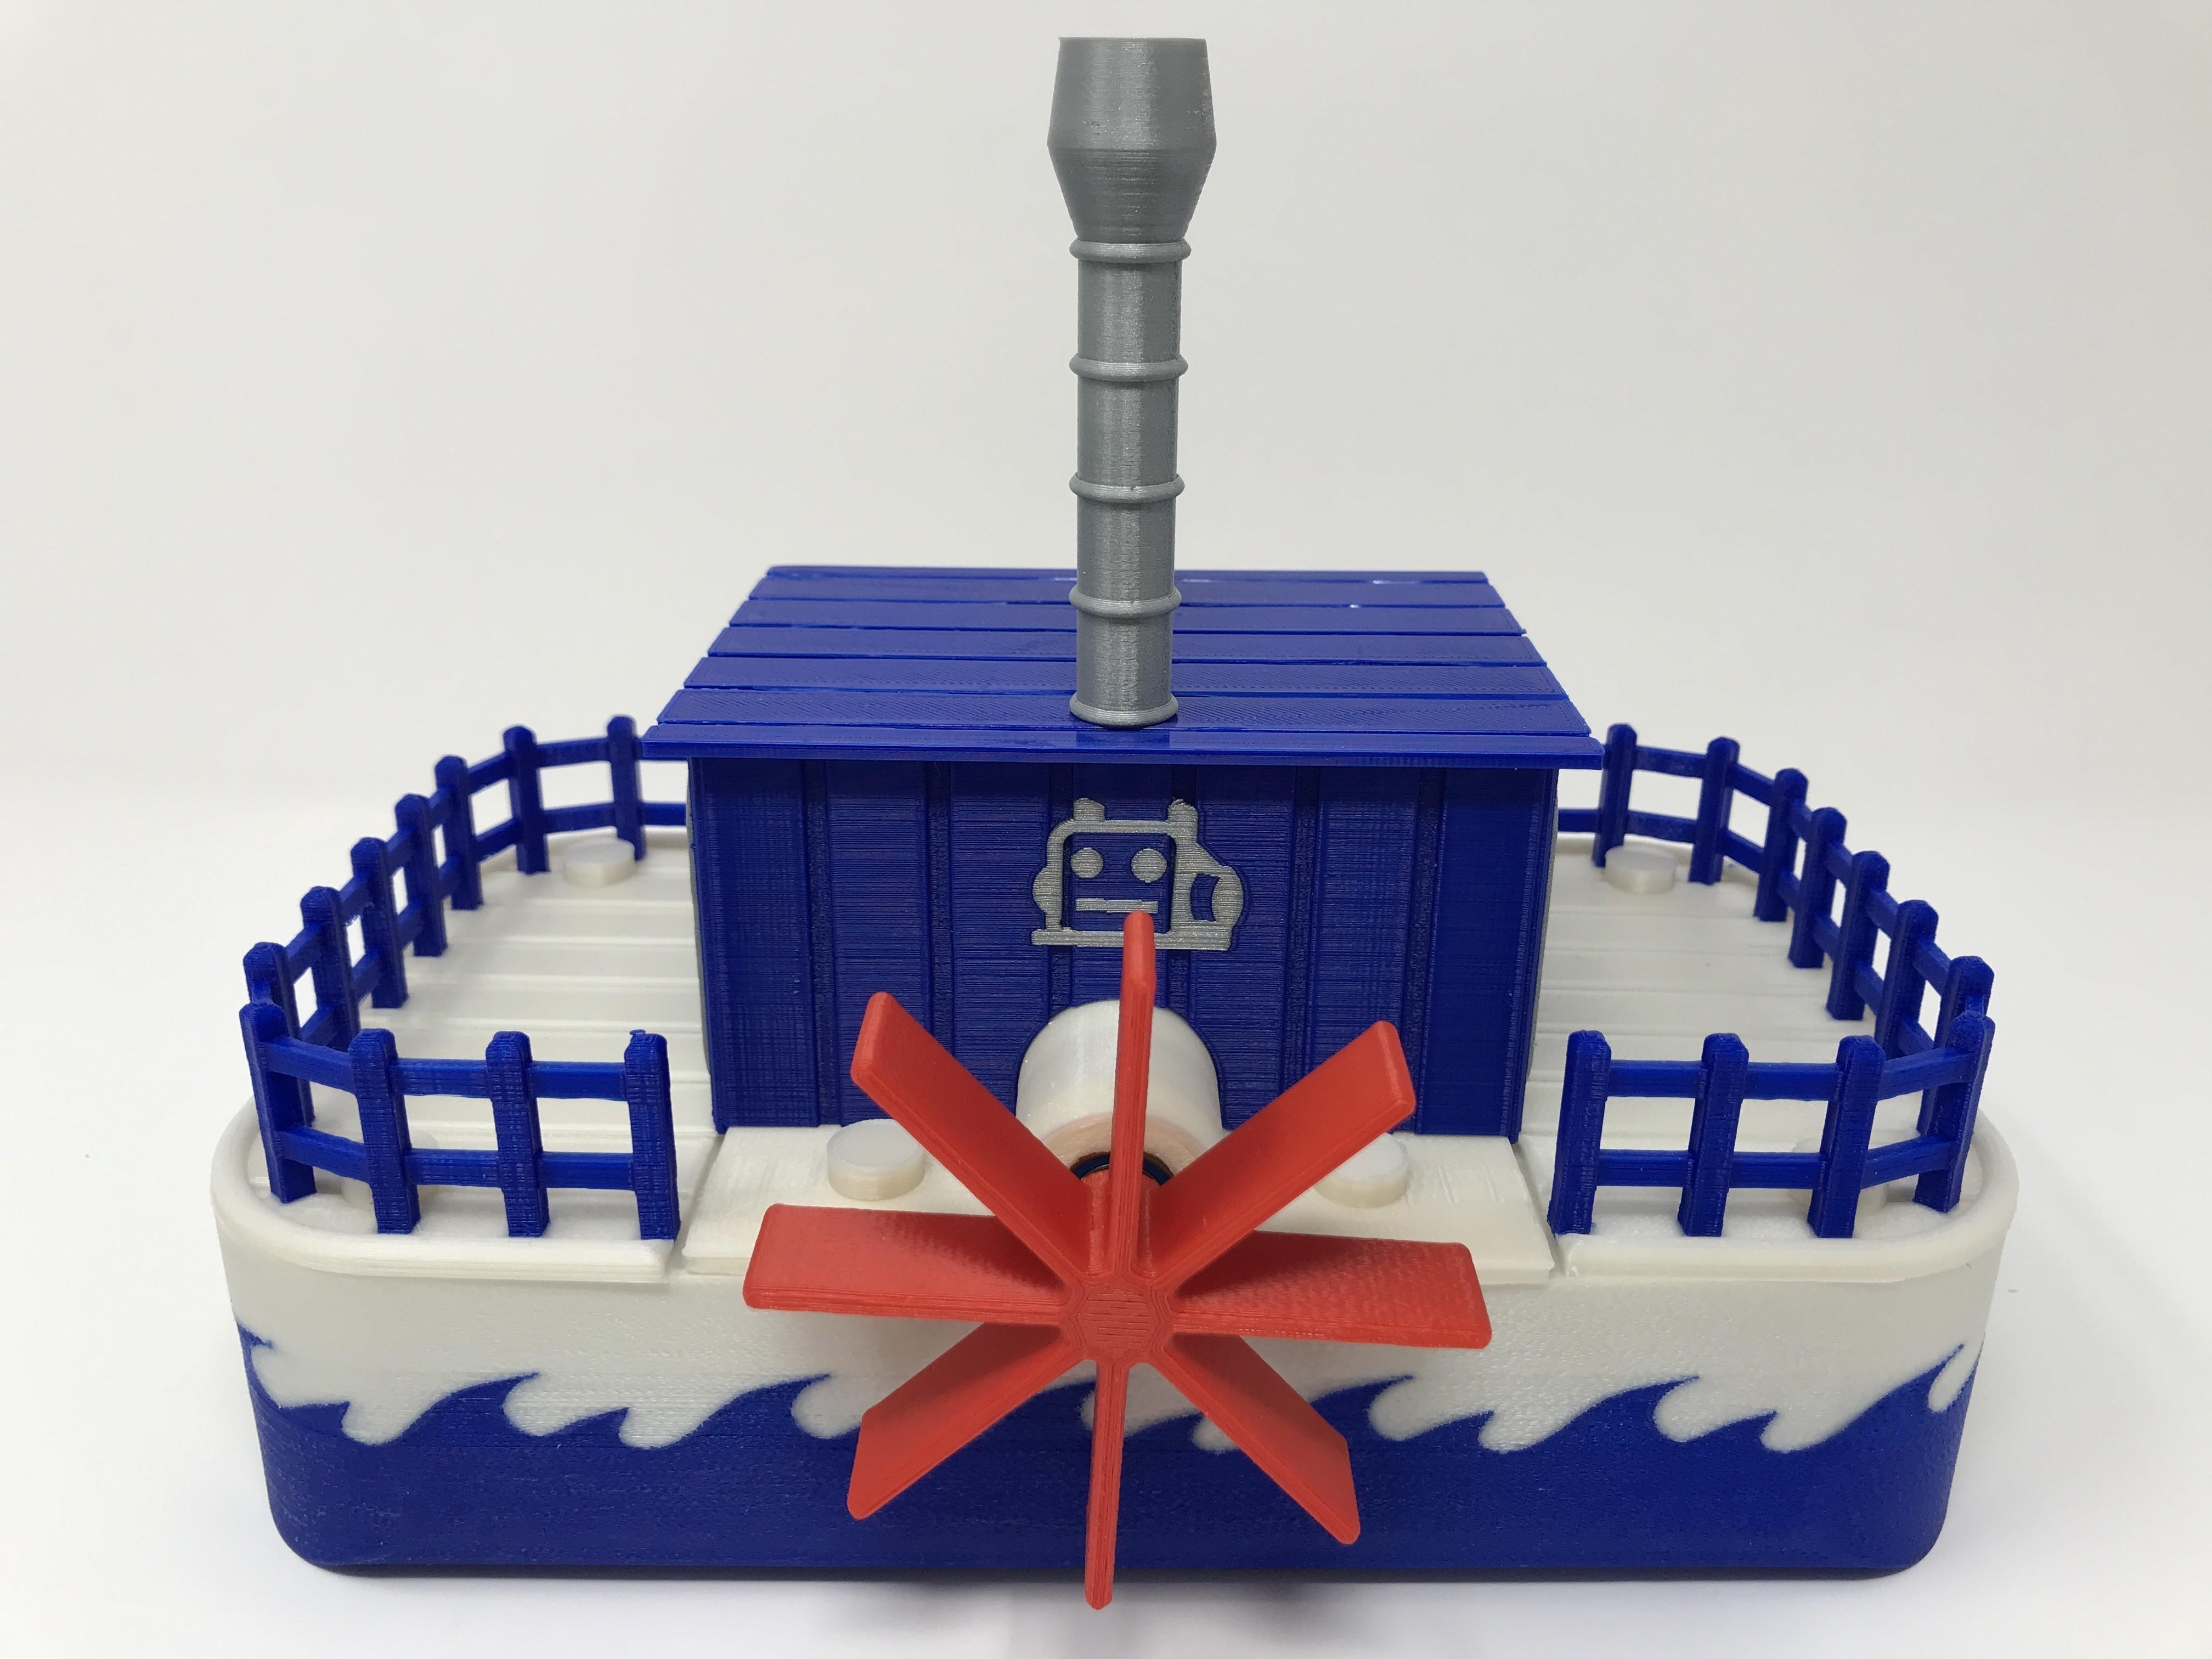 IMG_0895.jpg Download free STL file WiFi Paddle Boat • 3D printing design, gzumwalt